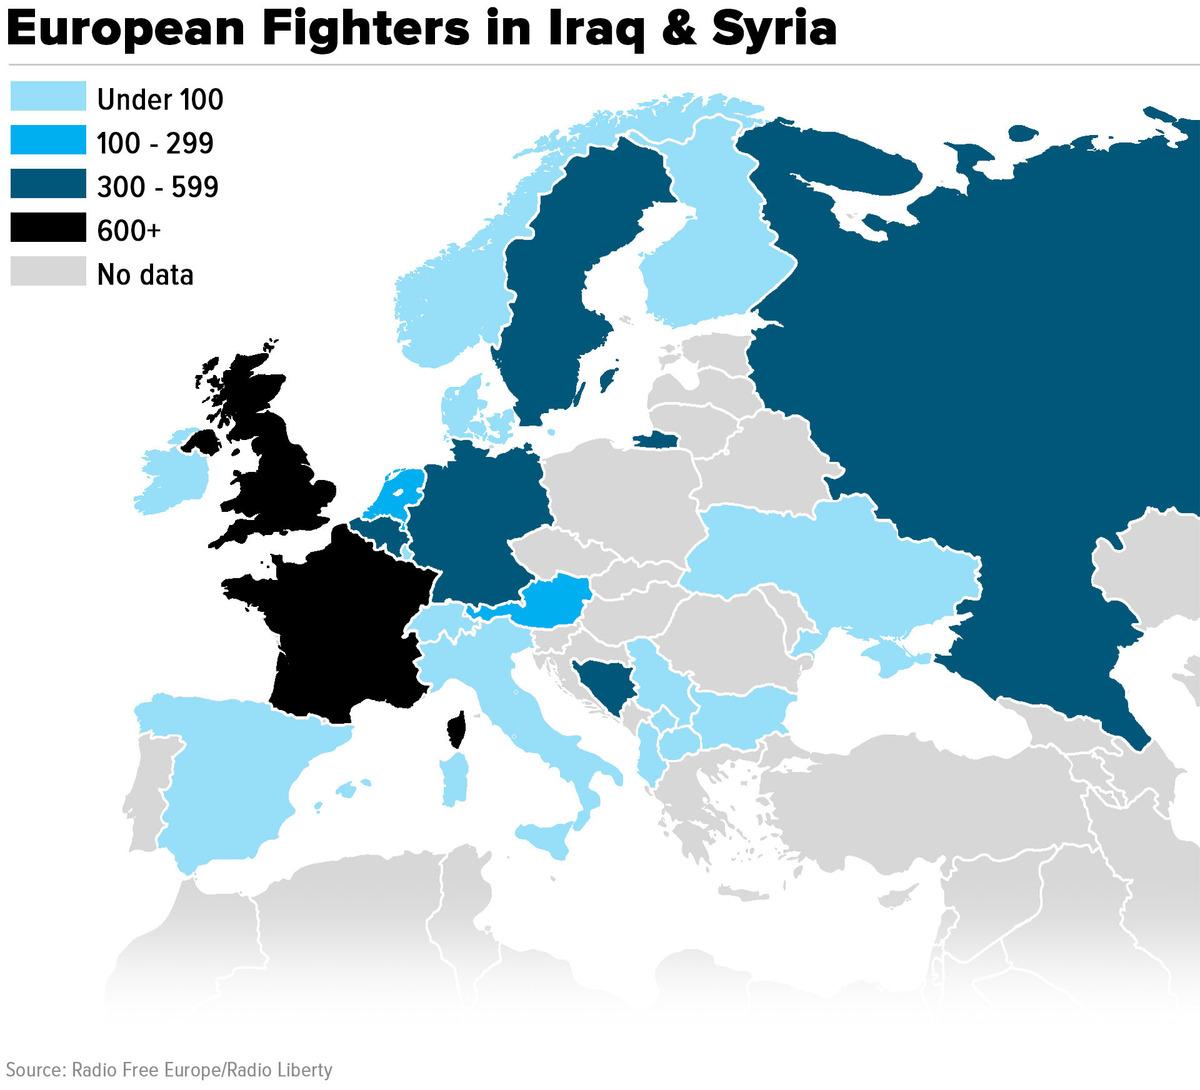 Combattenti europei in Siriae Irak: un pericolo per noi